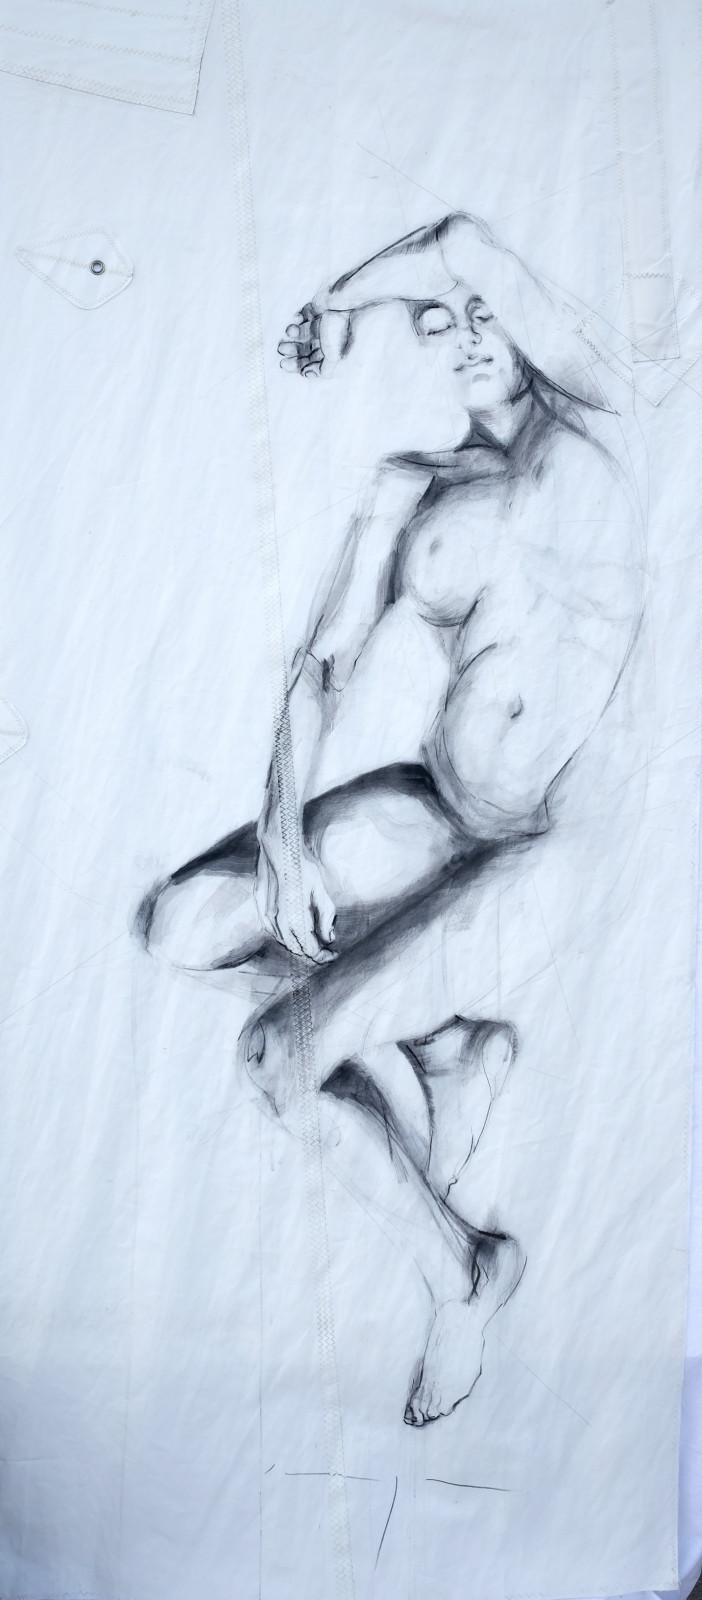 Reclining Woman 3 | Original Artwork | Koetzier van Hooff